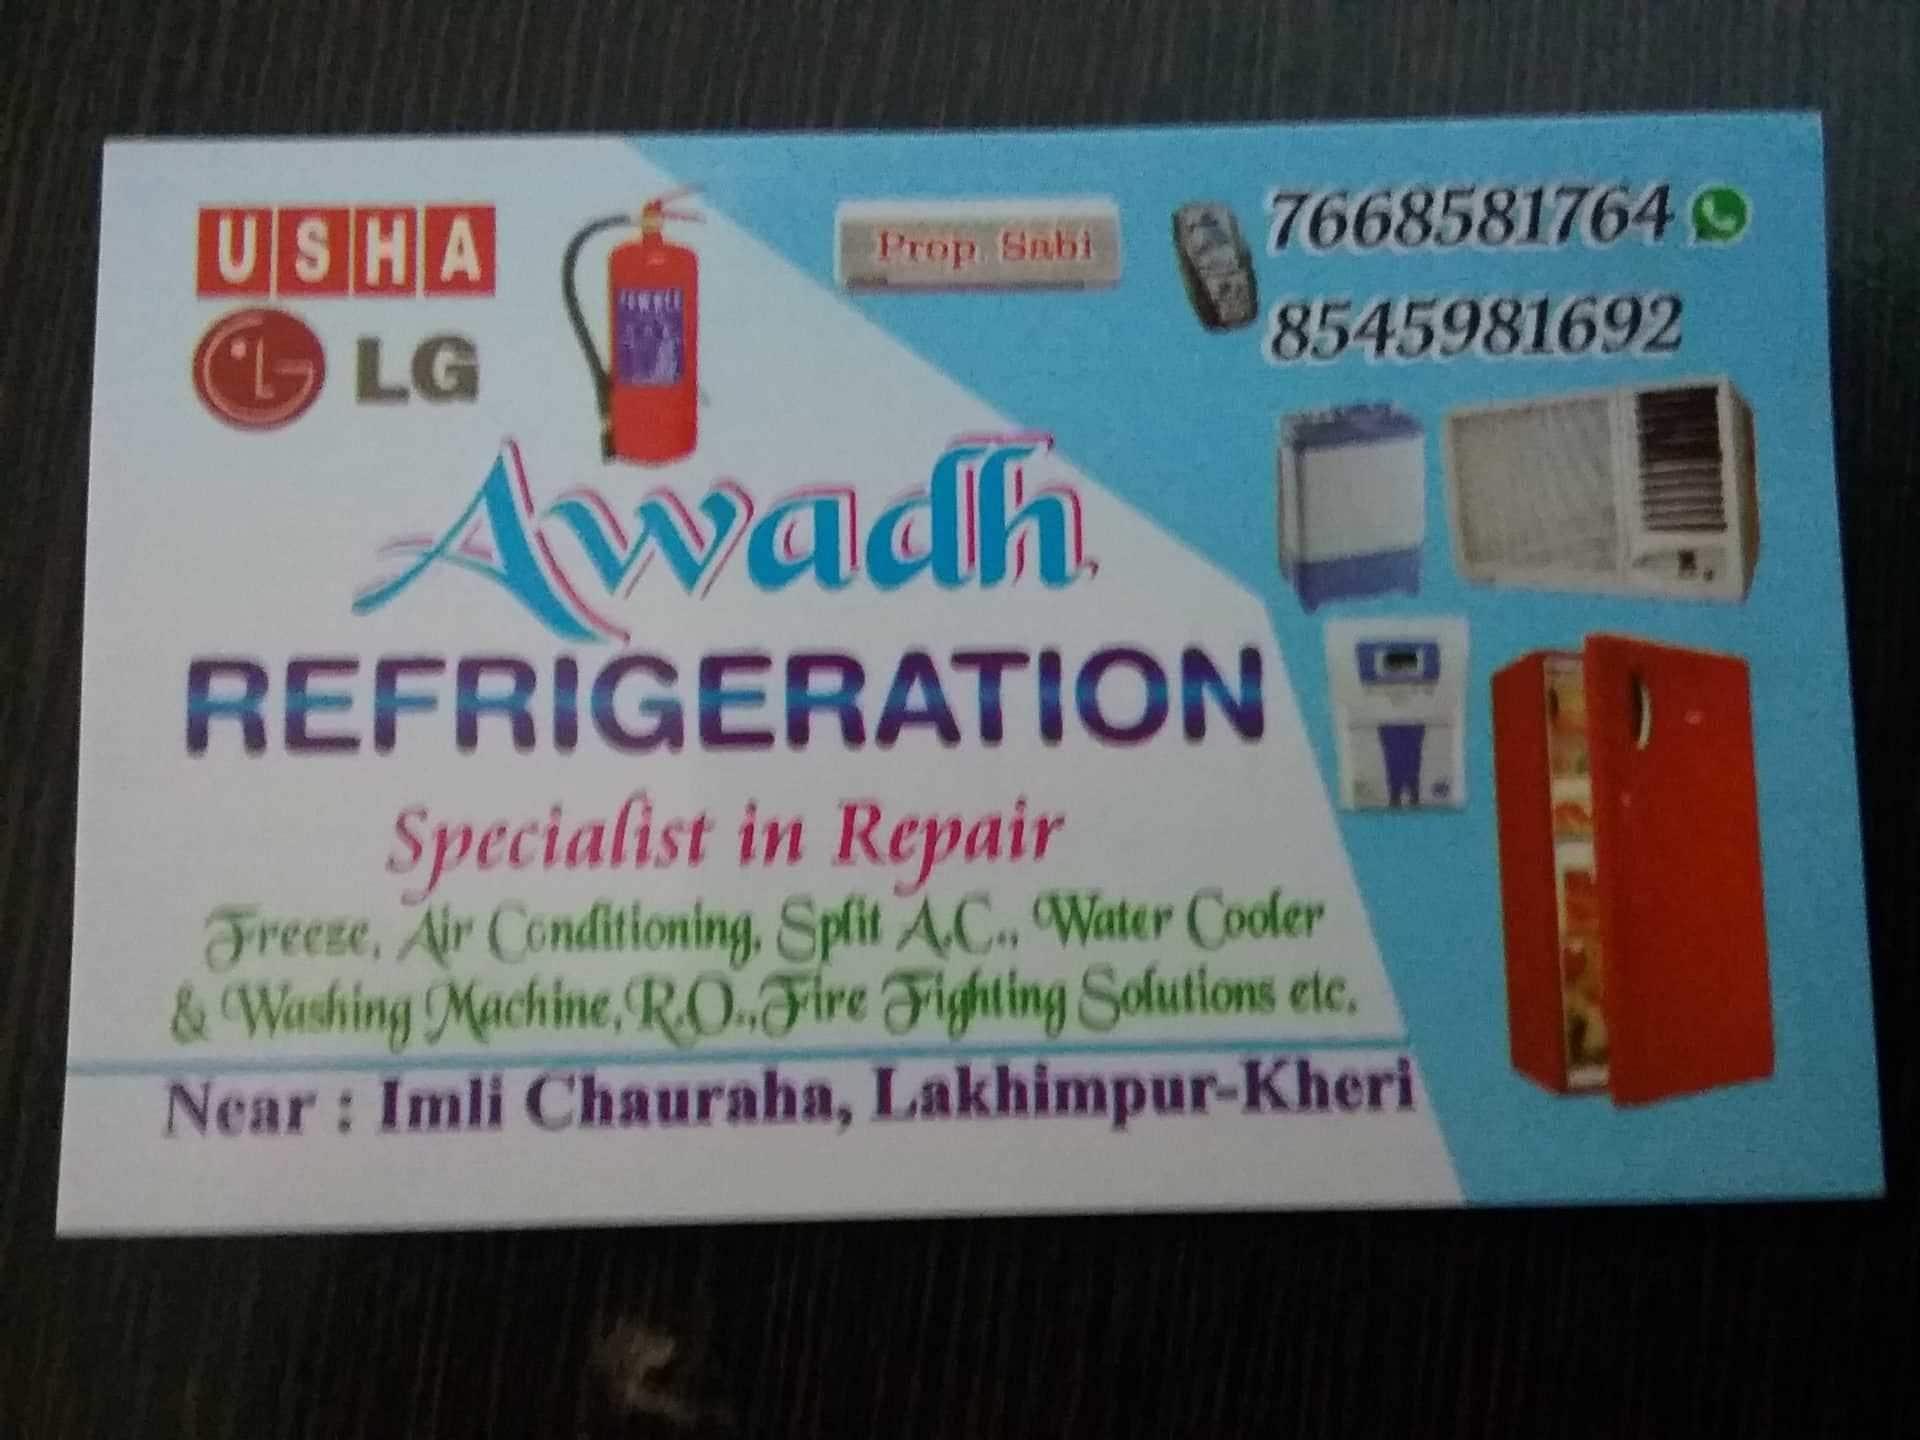 Top LG Refrigerator Repair & Services in Lakhimpur Kheri - LG